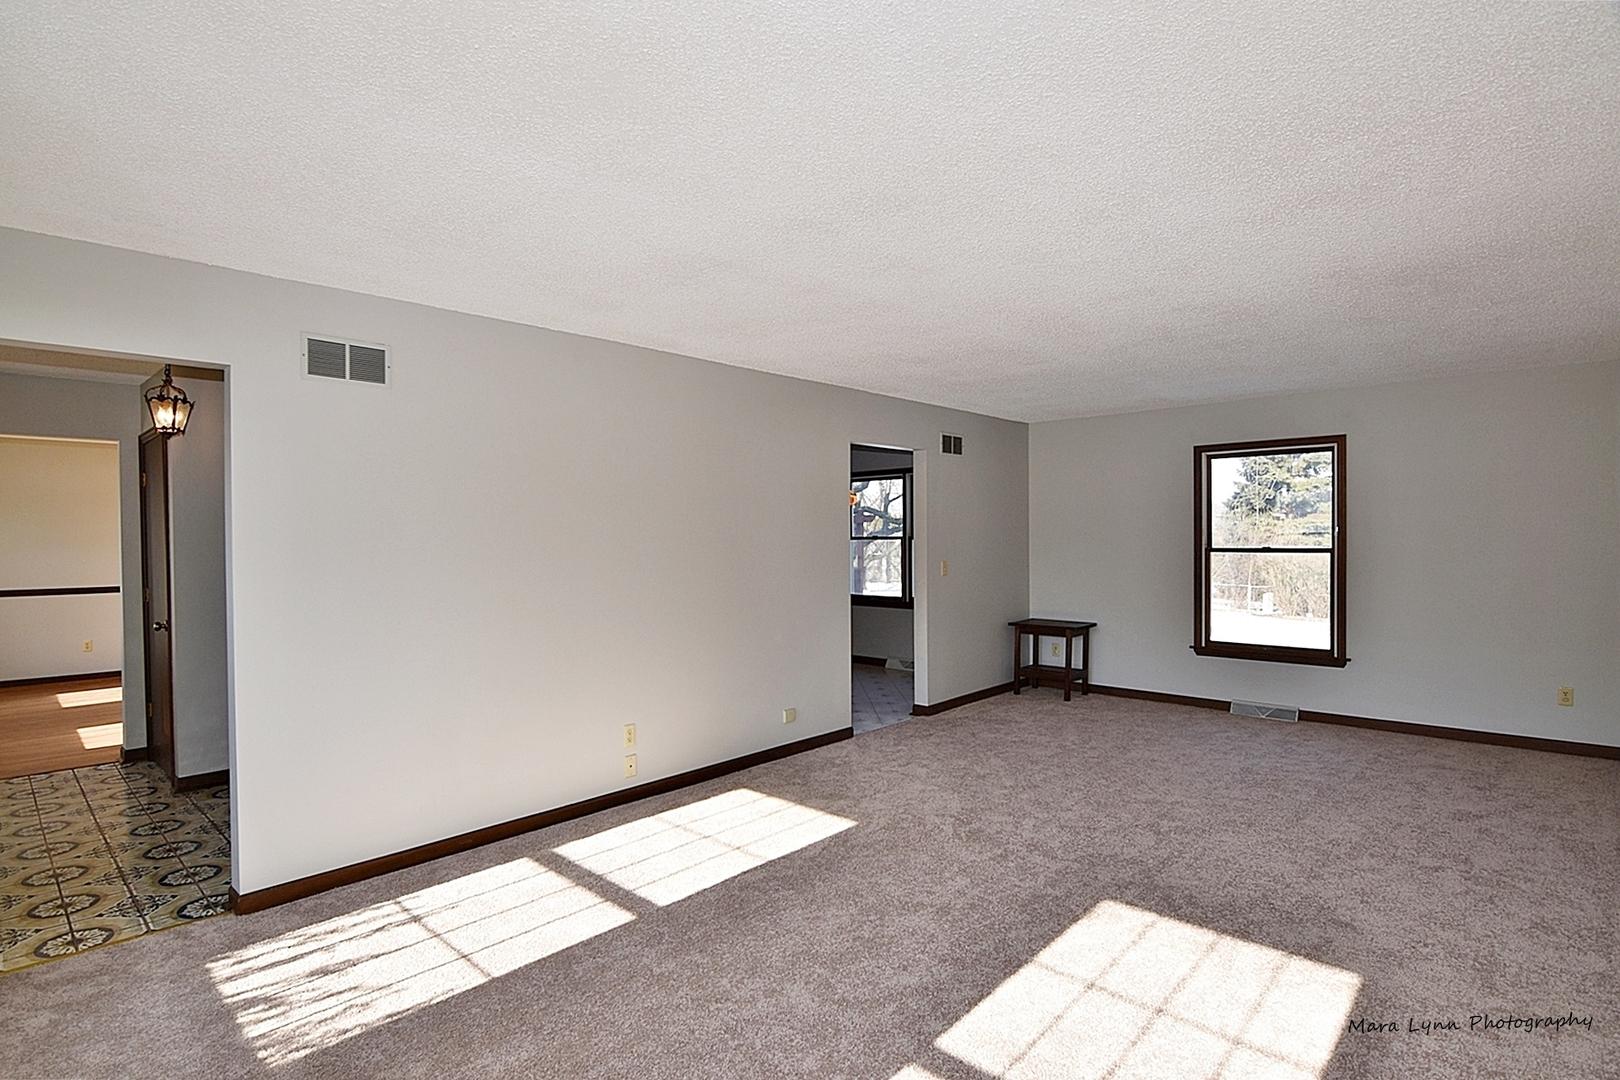 2381 Sans Souci, AURORA, Illinois, 60506